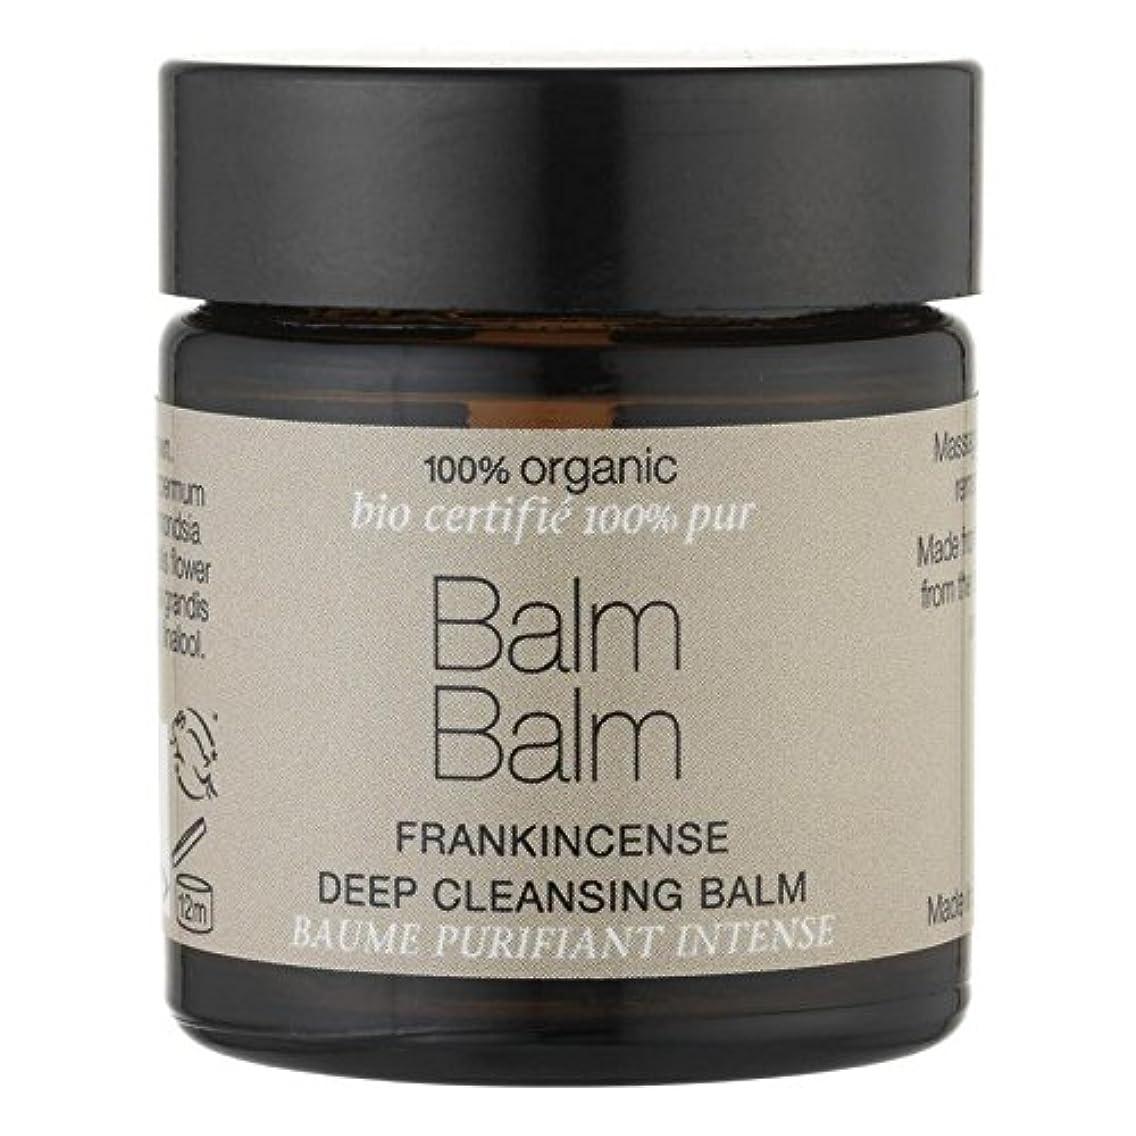 津波置くためにパック対象バームバーム乳香有機ディープクレンジングクリーム30ミリリットル x2 - Balm Balm Frankincense Organic Deep Cleansing Balm 30ml (Pack of 2) [並行輸入品]